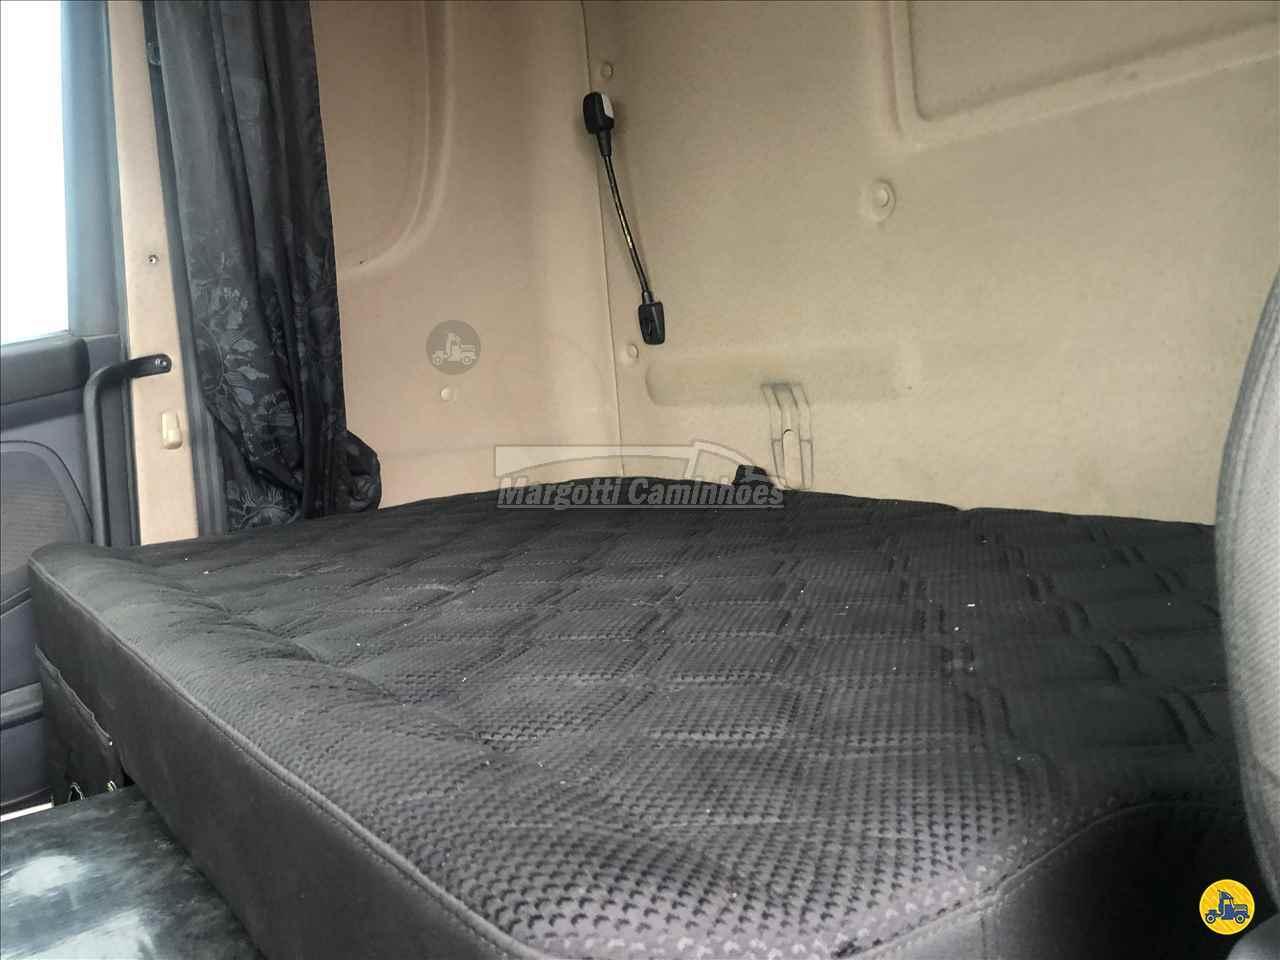 SCANIA SCANIA 420 807641km 2011/2011 Margotti Caminhões